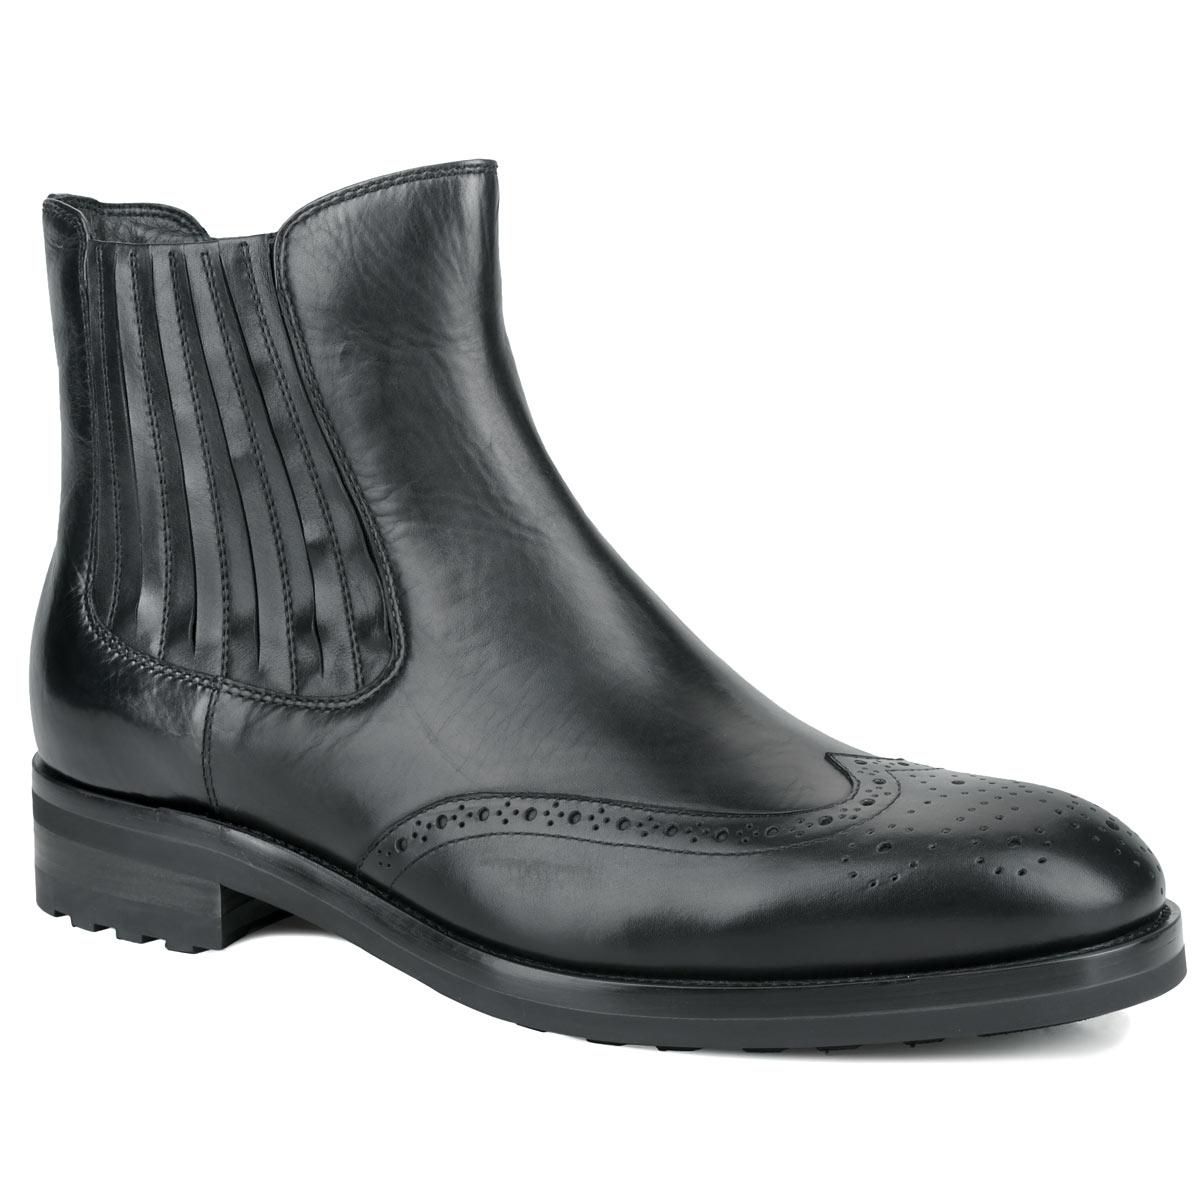 Ботинки мужские. M21270M21270Стильные ботинки от Vitacci, изготовленные из натуральной гладкой кожи, заинтересуют вас своим дизайном с первого взгляда! Подкладка и стелька - из ворсина, защитят ноги от холода и обеспечат комфорт. Мыс изделия декорирован ажурной перфорацией. Эластичная резинка украшает одну из боковых сторон. Ботинки застегиваются на застежку-молнию, расположенную сбоку. Гибкая резиновая подошва с оригинальным рифленым рисунком обеспечивает идеальное сцепление с разными поверхностями. Ультрамодные ботинки не оставят вас незамеченным!